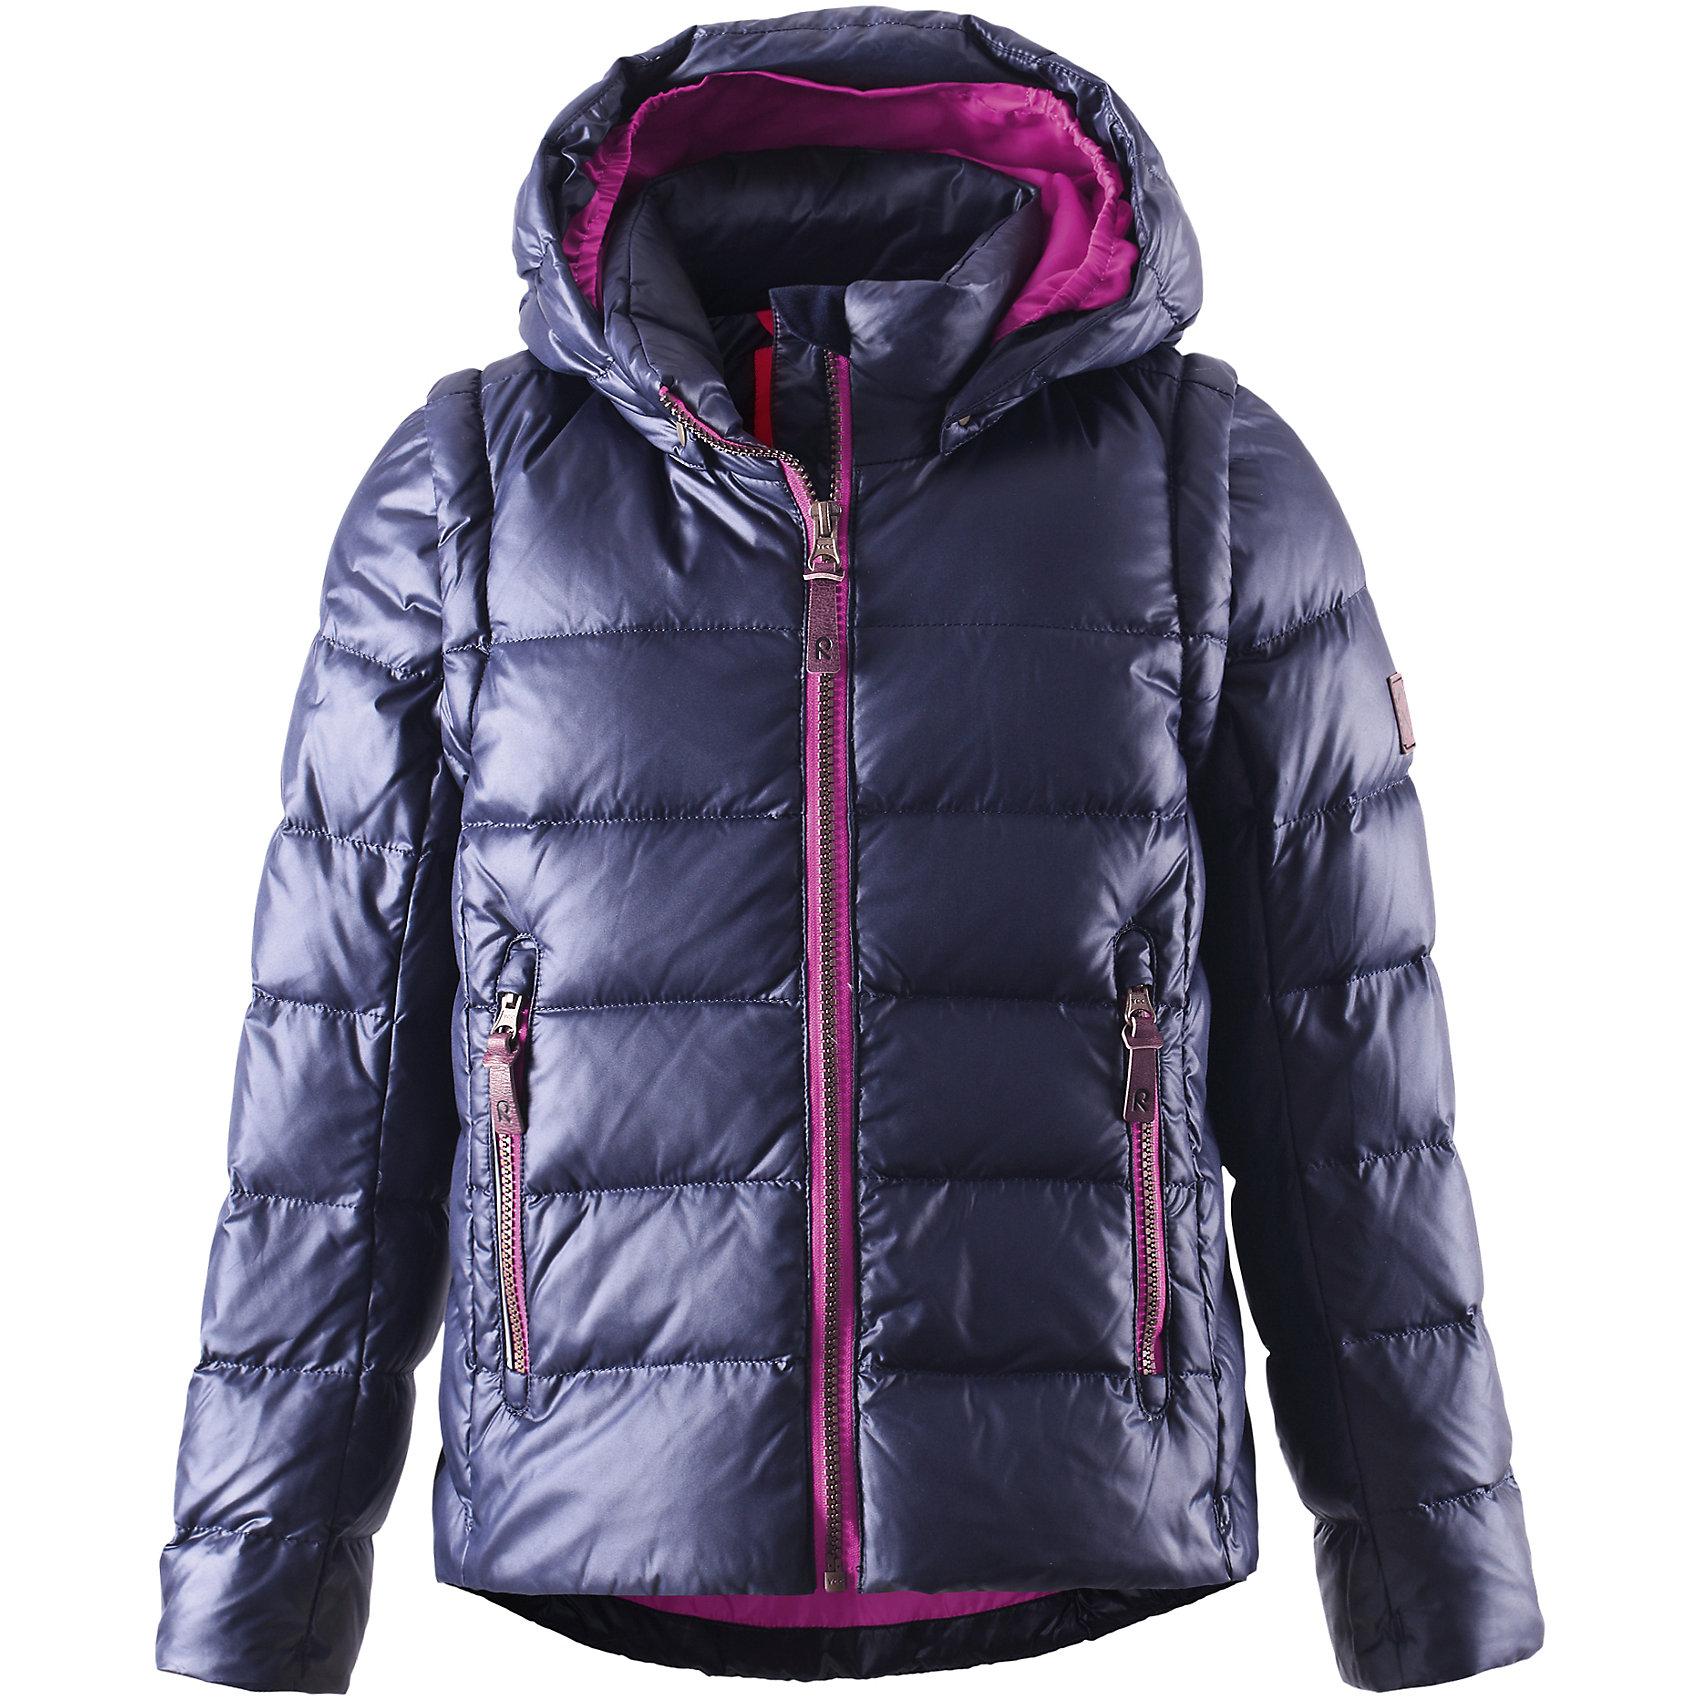 Куртка Sneak для девочки ReimaКуртка для девочки Reima<br>Пуховая куртка для подростков. Водоотталкивающий, ветронепроницаемый, «дышащий» и грязеотталкивающий материал. Крой для девочек. Гладкая подкладка из полиэстраВ качестве утеплителя использованы пух и перо (60%/40%). Безопасный, съемный капюшон. Эластичные манжеты. Отстегивающиеся рукава на молнии. Эластичная кромка подола. Два кармана на молнии. Безопасные светоотражающие детали.<br>Уход:<br>Стирать по отдельности, вывернув наизнанку. Застегнуть молнии и липучки. Стирать моющим средством, не содержащим отбеливающие вещества. Полоскать без специального средства. Во избежание изменения цвета изделие необходимо вынуть из стиральной машинки незамедлительно после окончания программы стирки. Барабанное сушение при низкой температуре с 3 теннисными мячиками. Выверните изделие наизнанку в середине сушки.<br>Состав:<br>100% Полиэстер<br><br>Ширина мм: 548<br>Глубина мм: 406<br>Высота мм: 38<br>Вес г: 629<br>Цвет: синий<br>Возраст от месяцев: 108<br>Возраст до месяцев: 120<br>Пол: Женский<br>Возраст: Детский<br>Размер: 140,122,152,134,146,158,128,164,116<br>SKU: 4778155